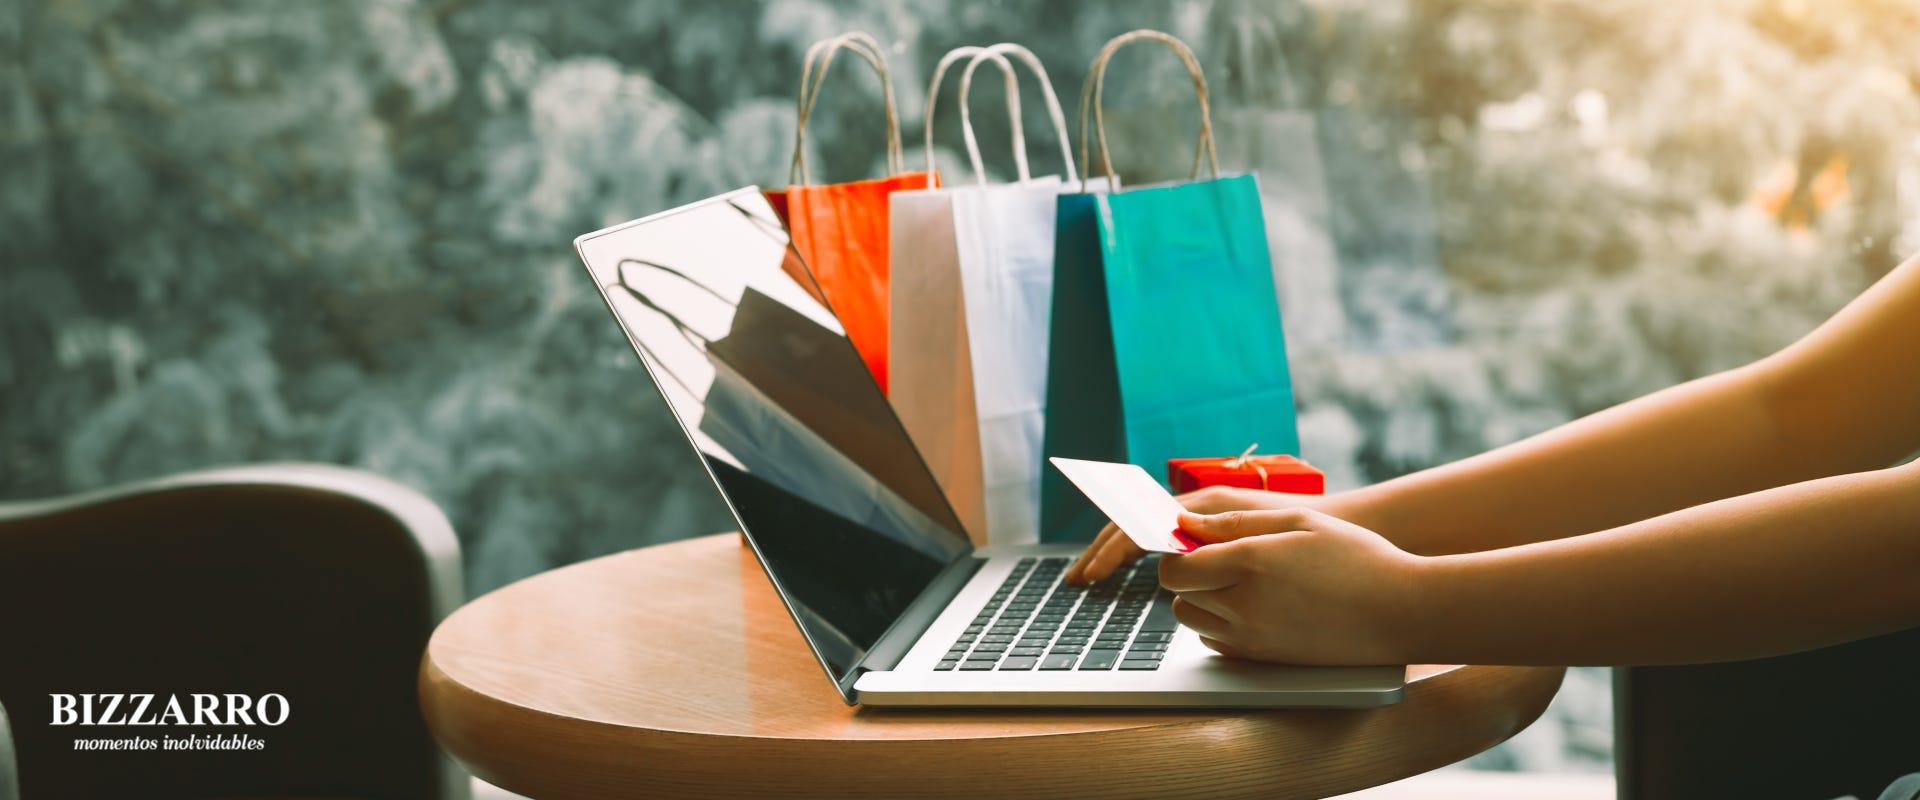 5 claves para comprar joyería en línea y no morir en el intento